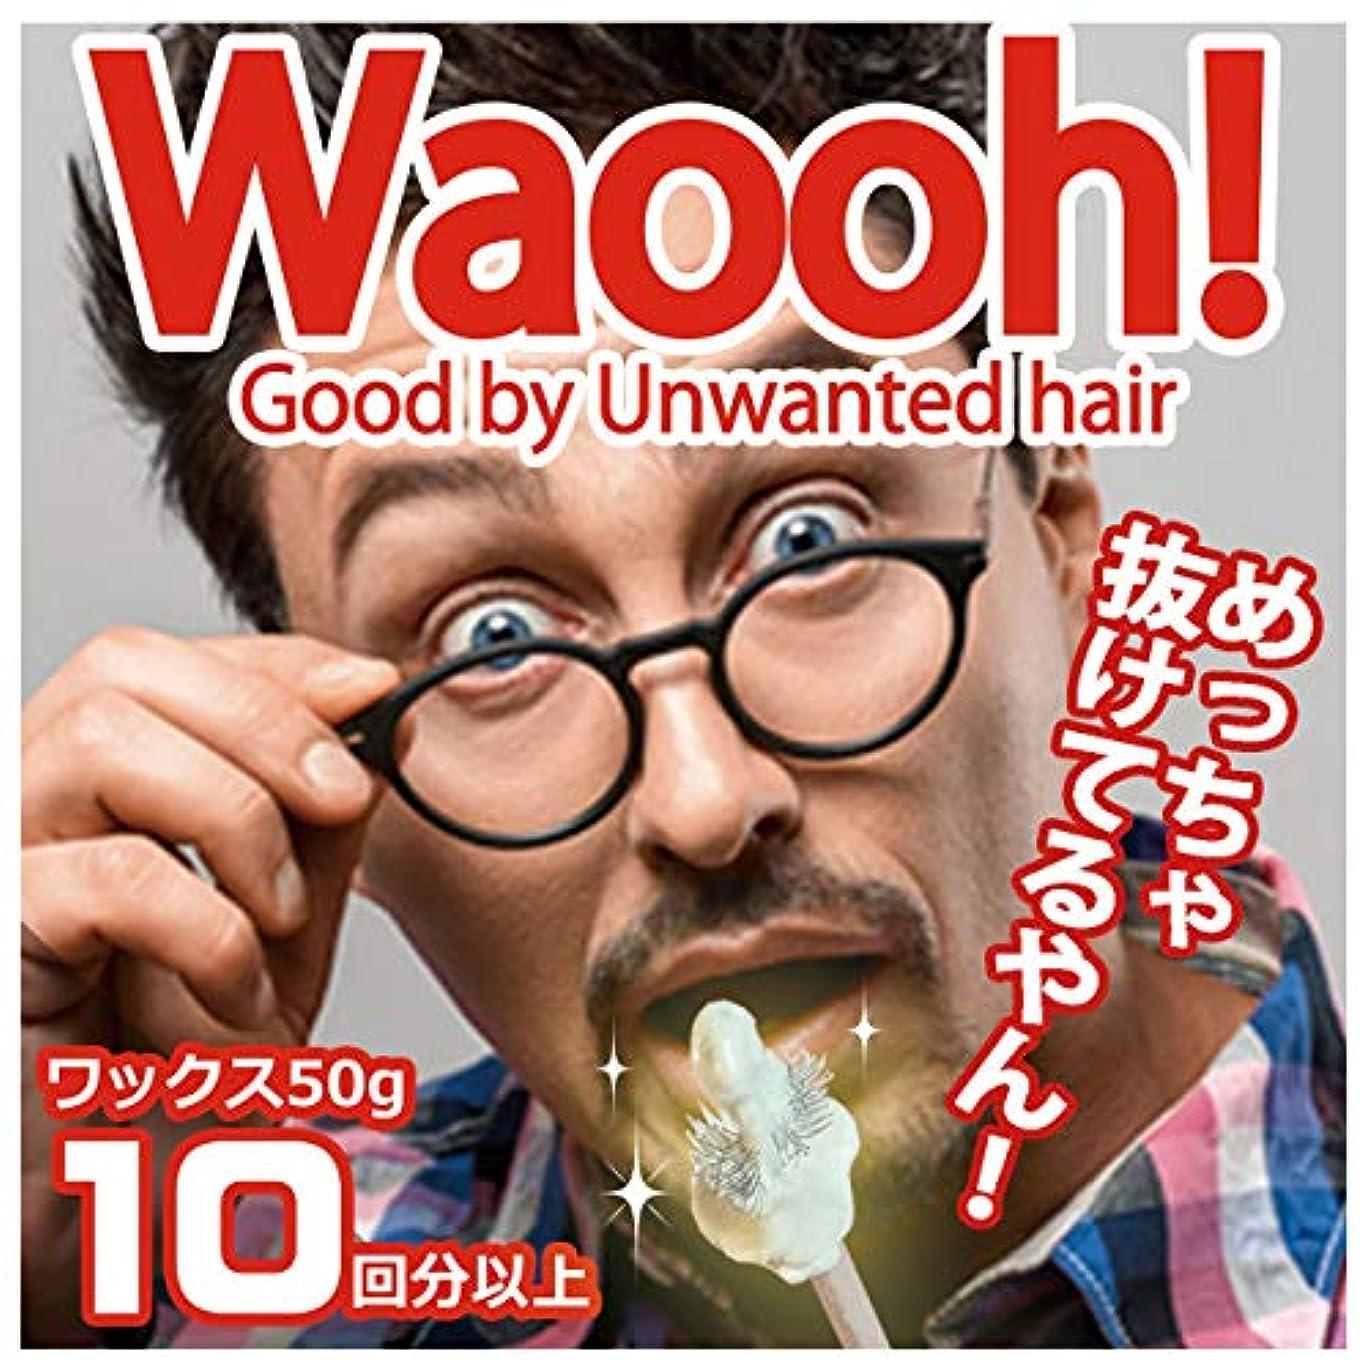 リスクサーマルスクラップ[Waooh]鼻毛 脱毛 ノーズワックス 鼻 ブラジリアン ワックス キット 男女兼用 (50g 10回分)